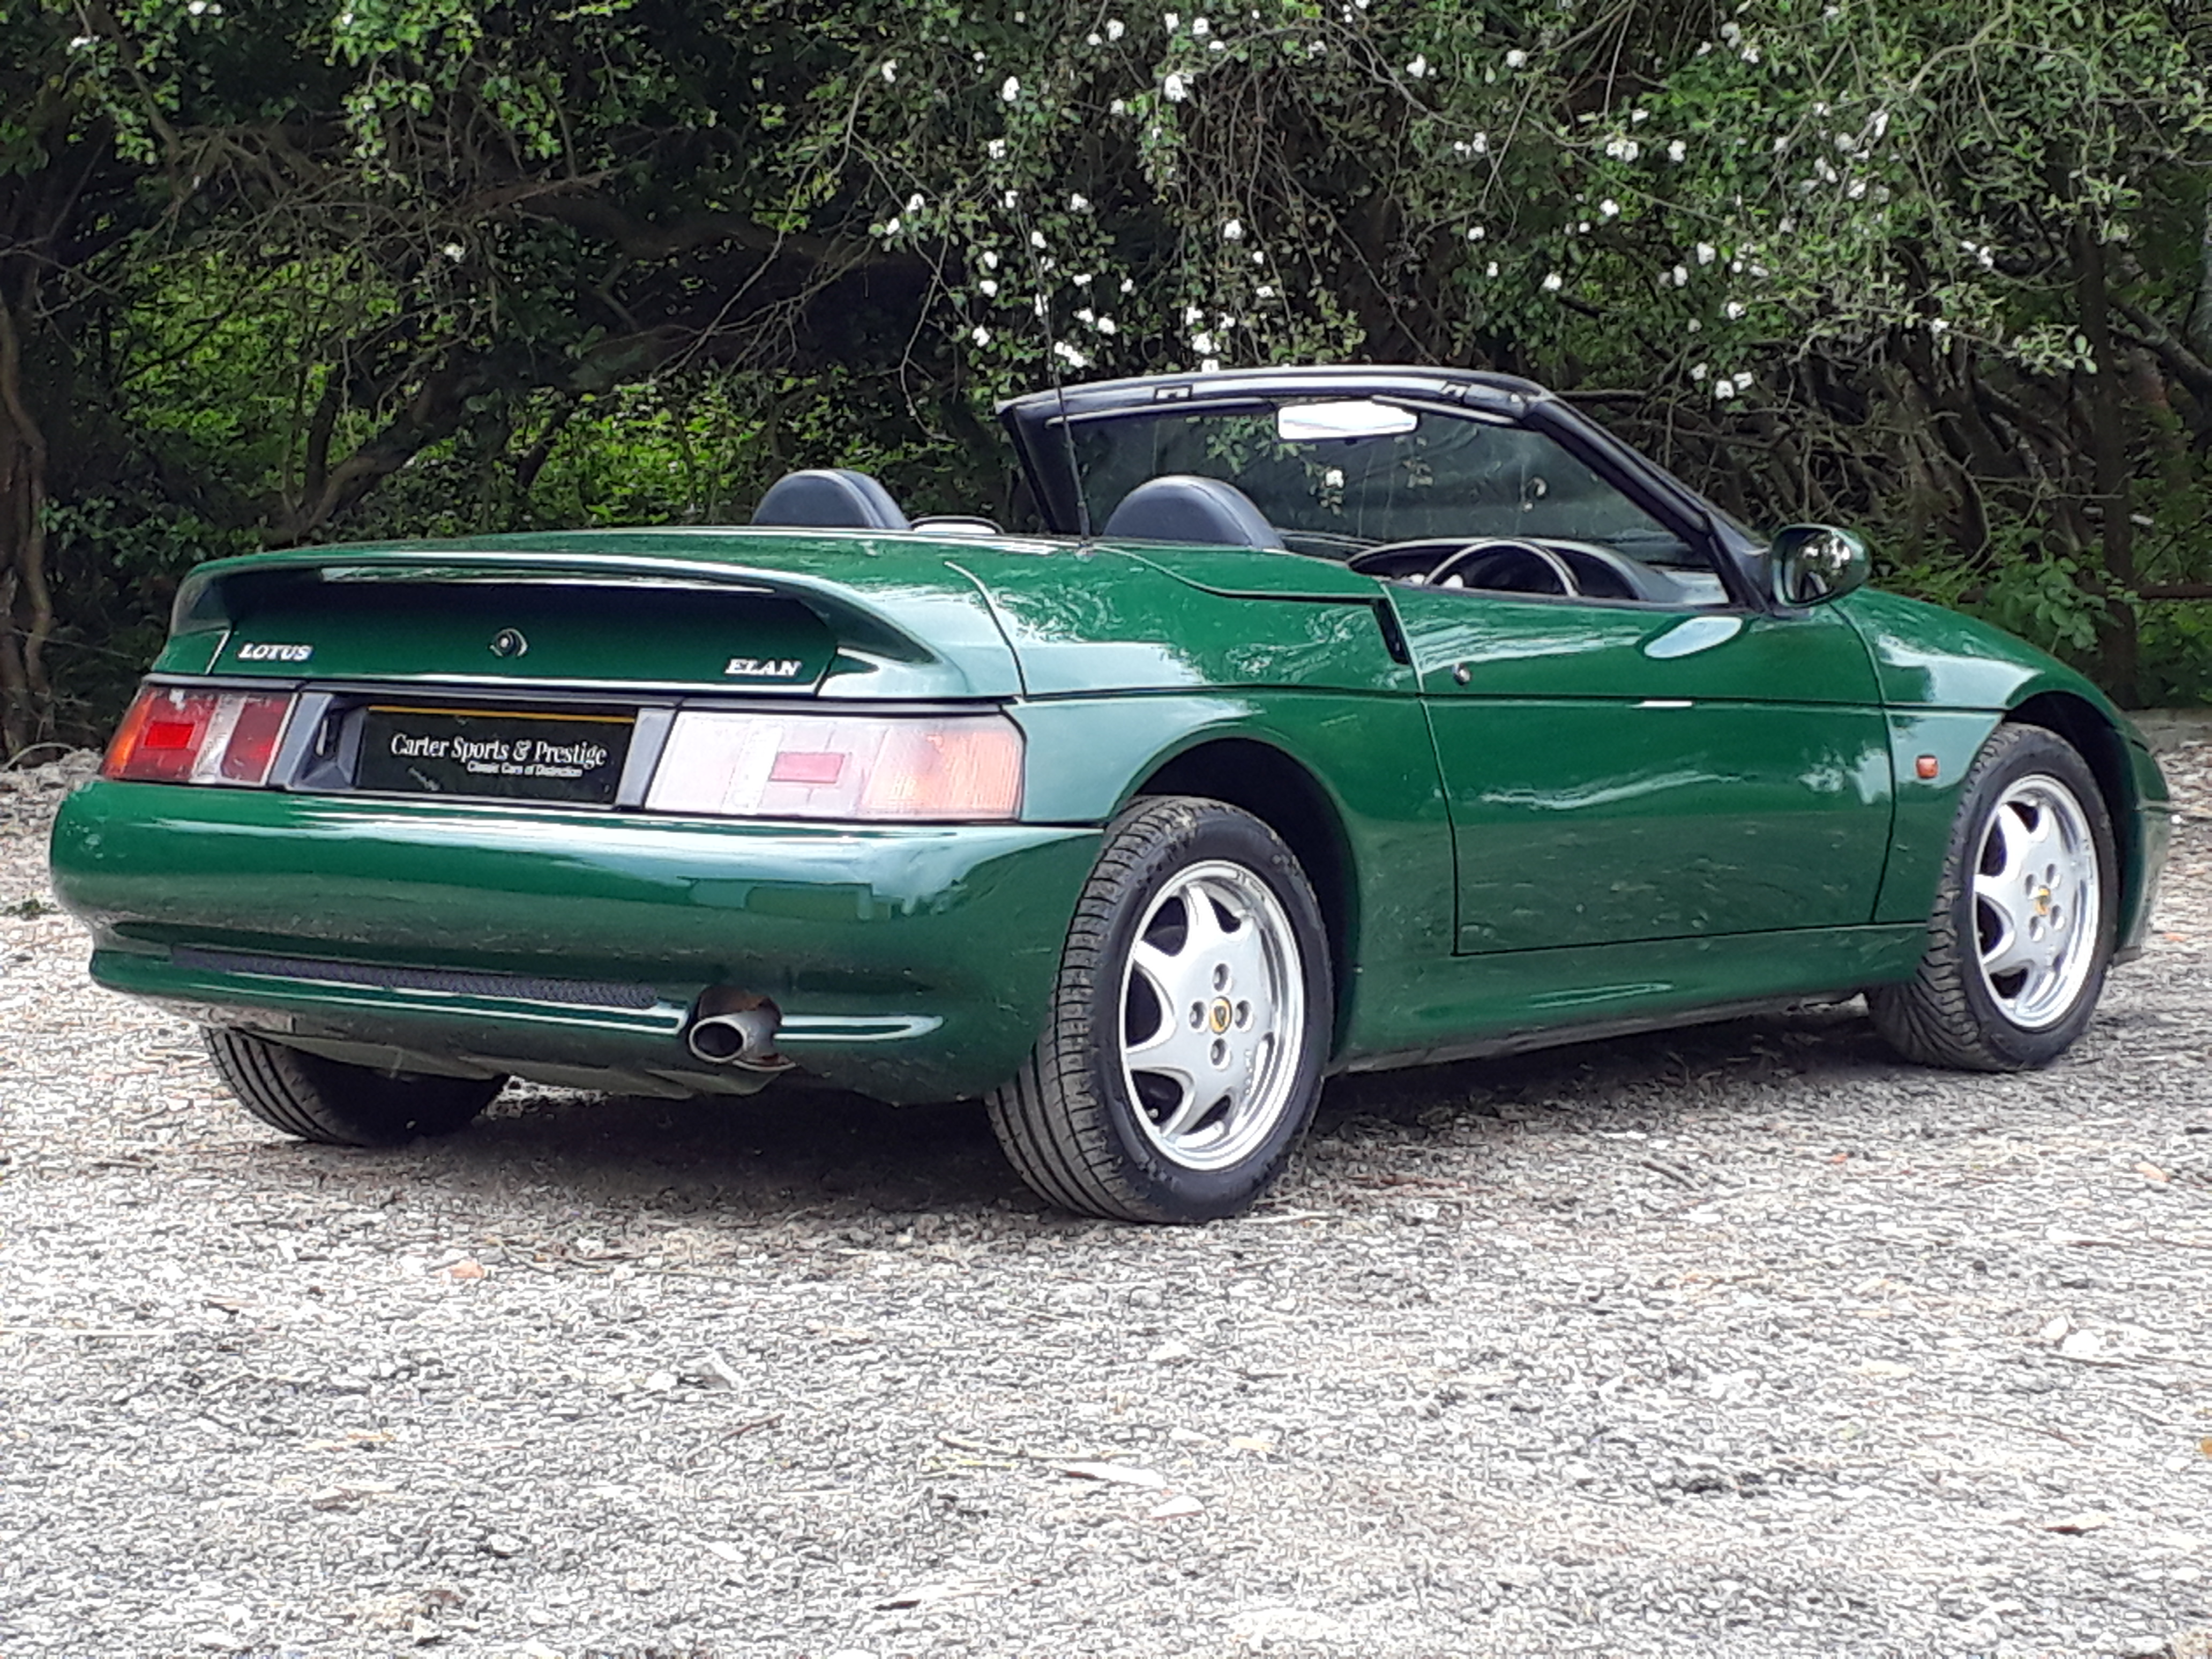 Lotus Elan Green for Sale